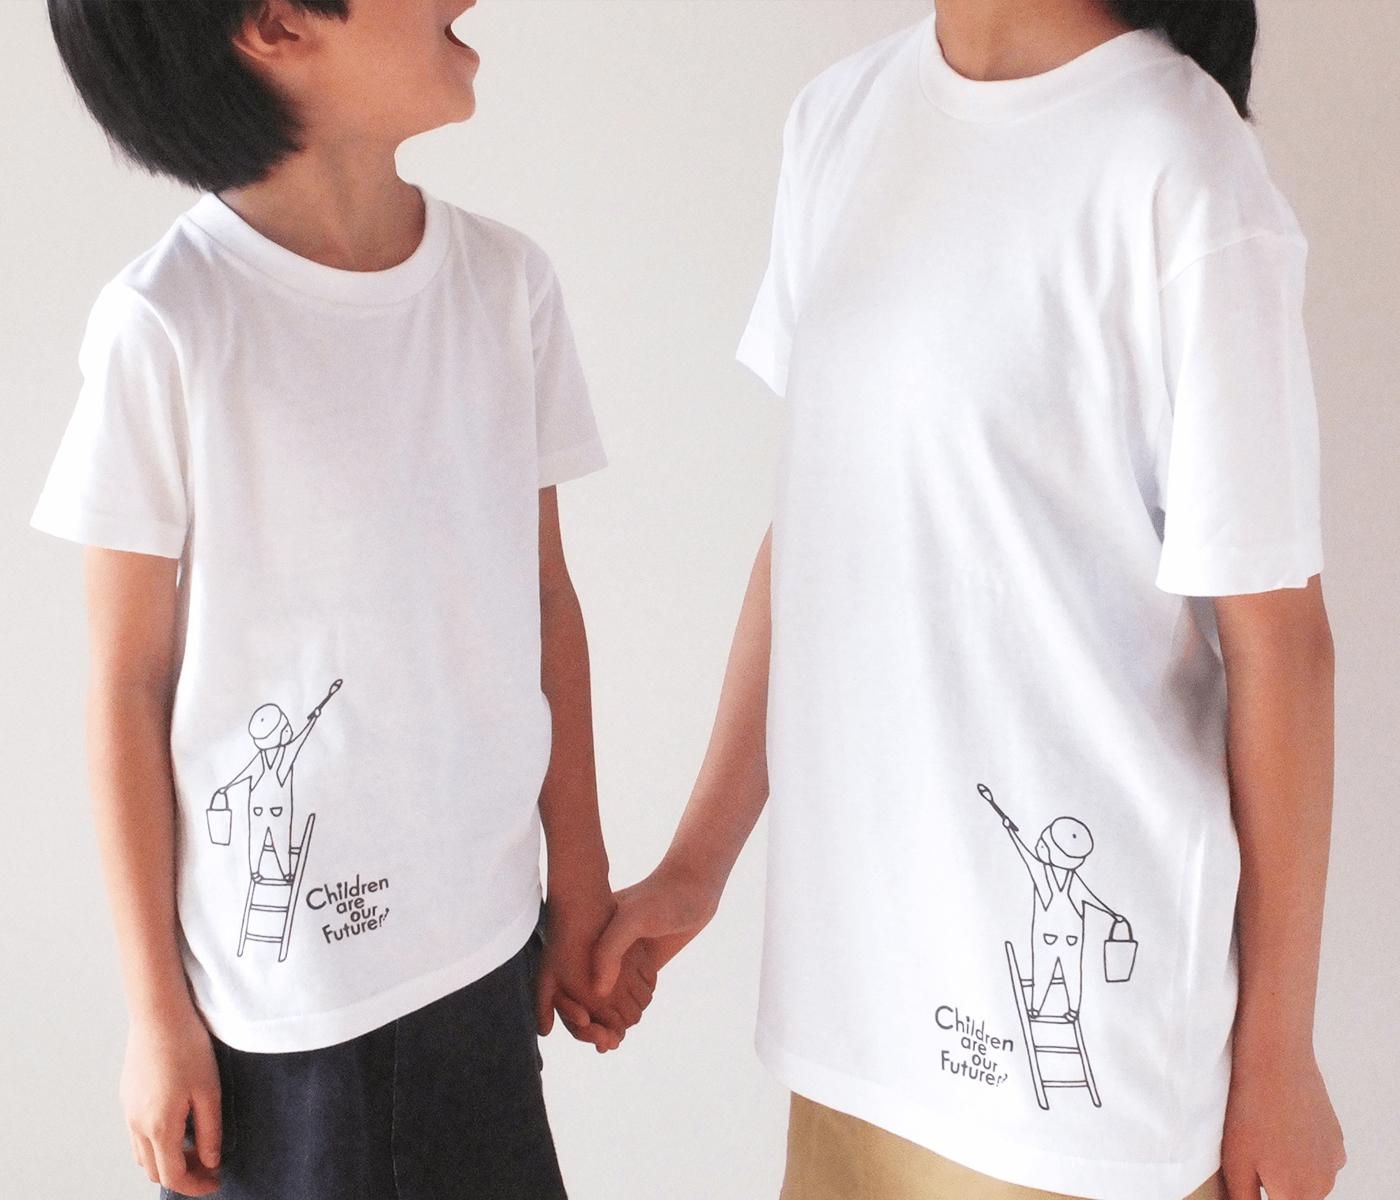 インスタイベント「このTシャツは私たちの未来」